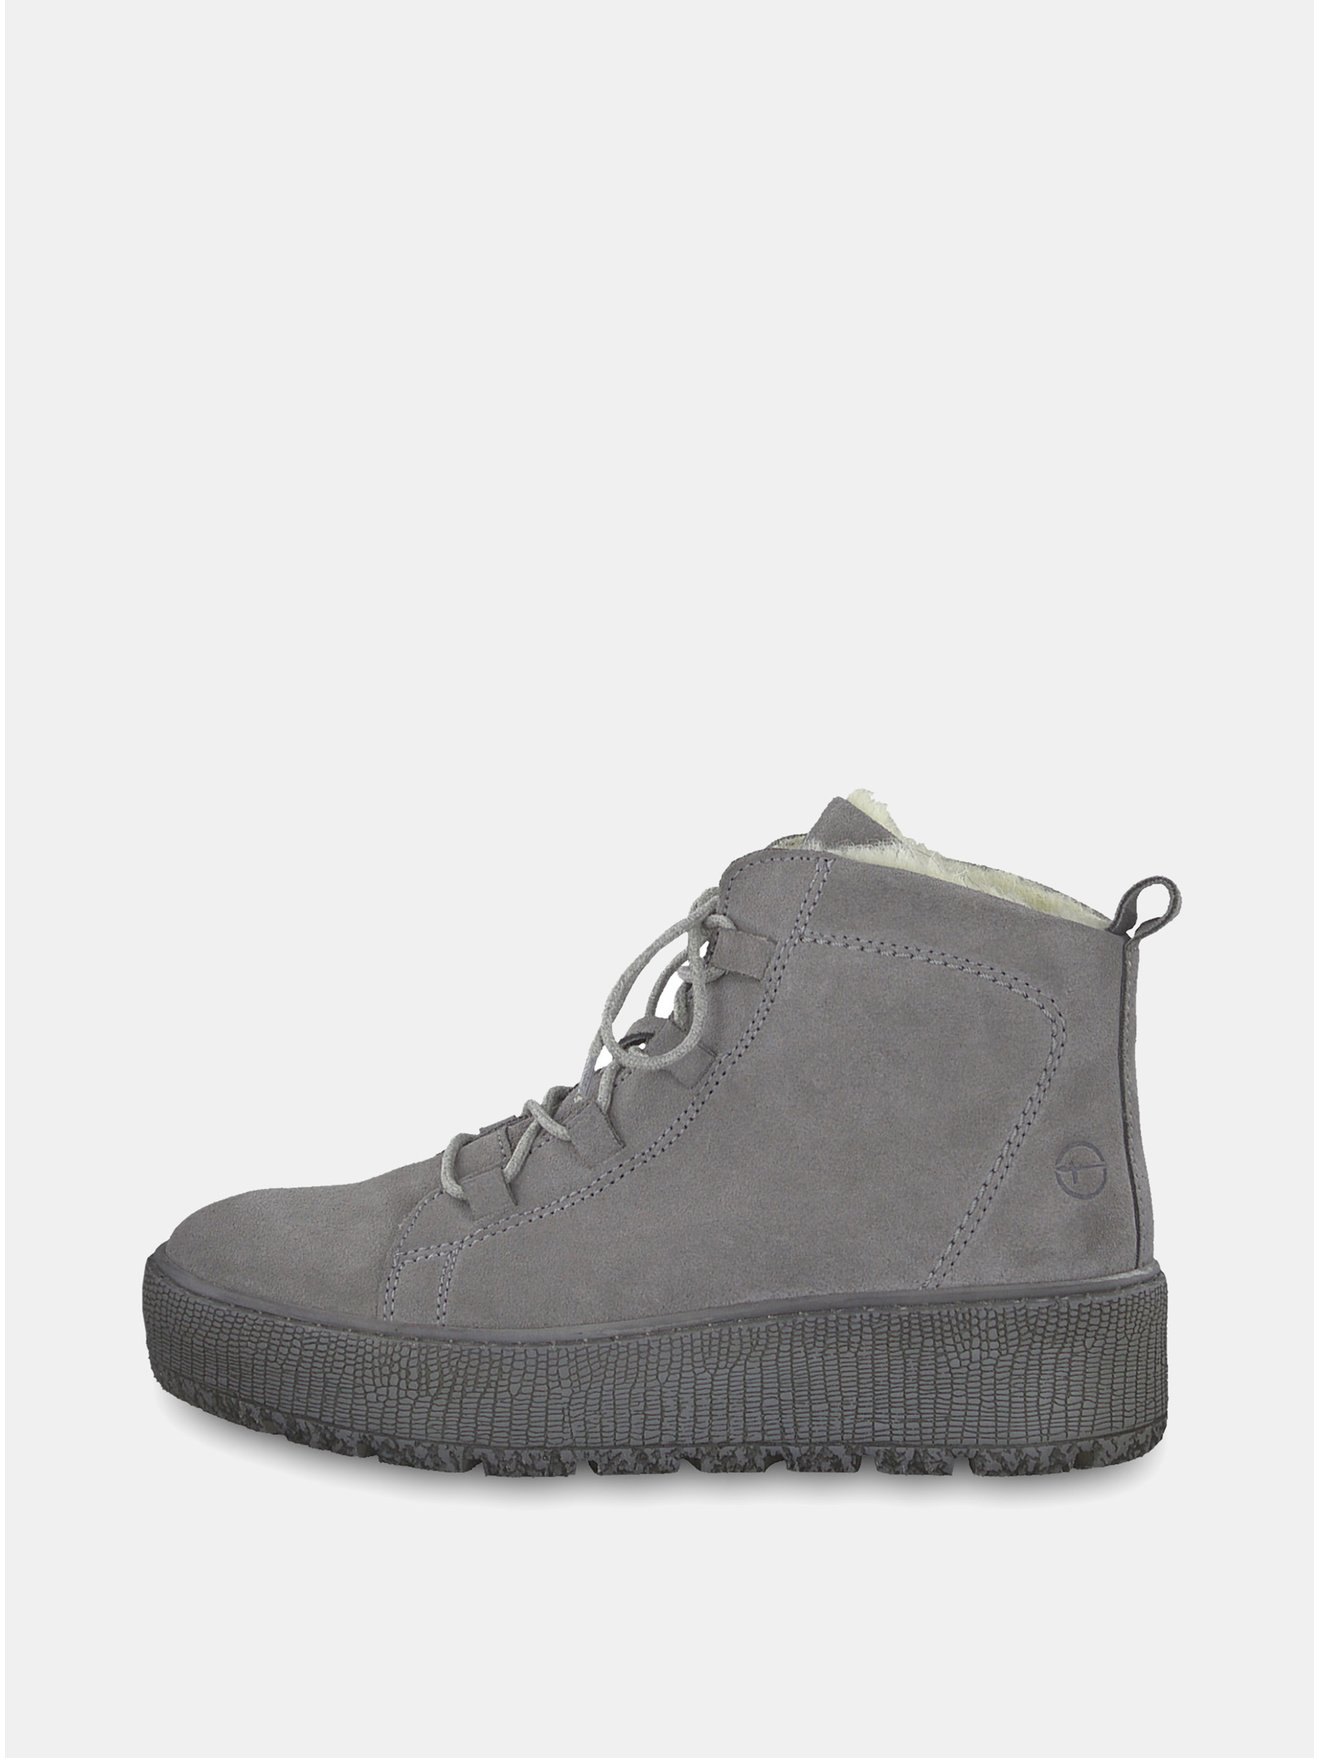 61a91f5a461 Šedé semišové kotníkové zimní boty na platformě Tamaris